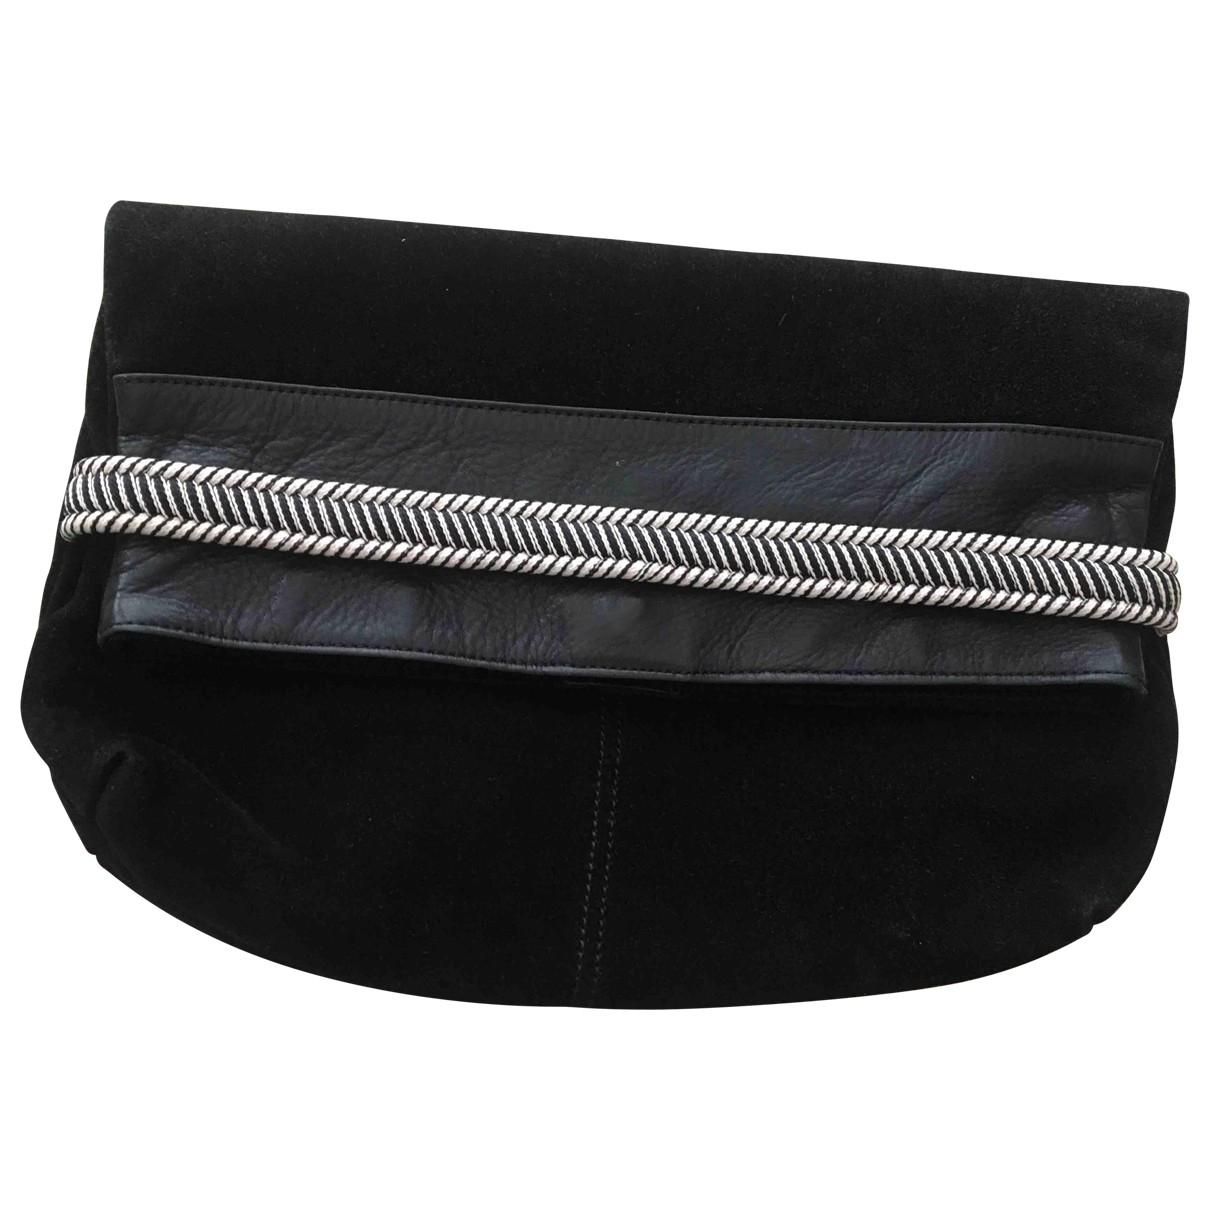 Claudie Pierlot \N Black Leather Clutch bag for Women \N